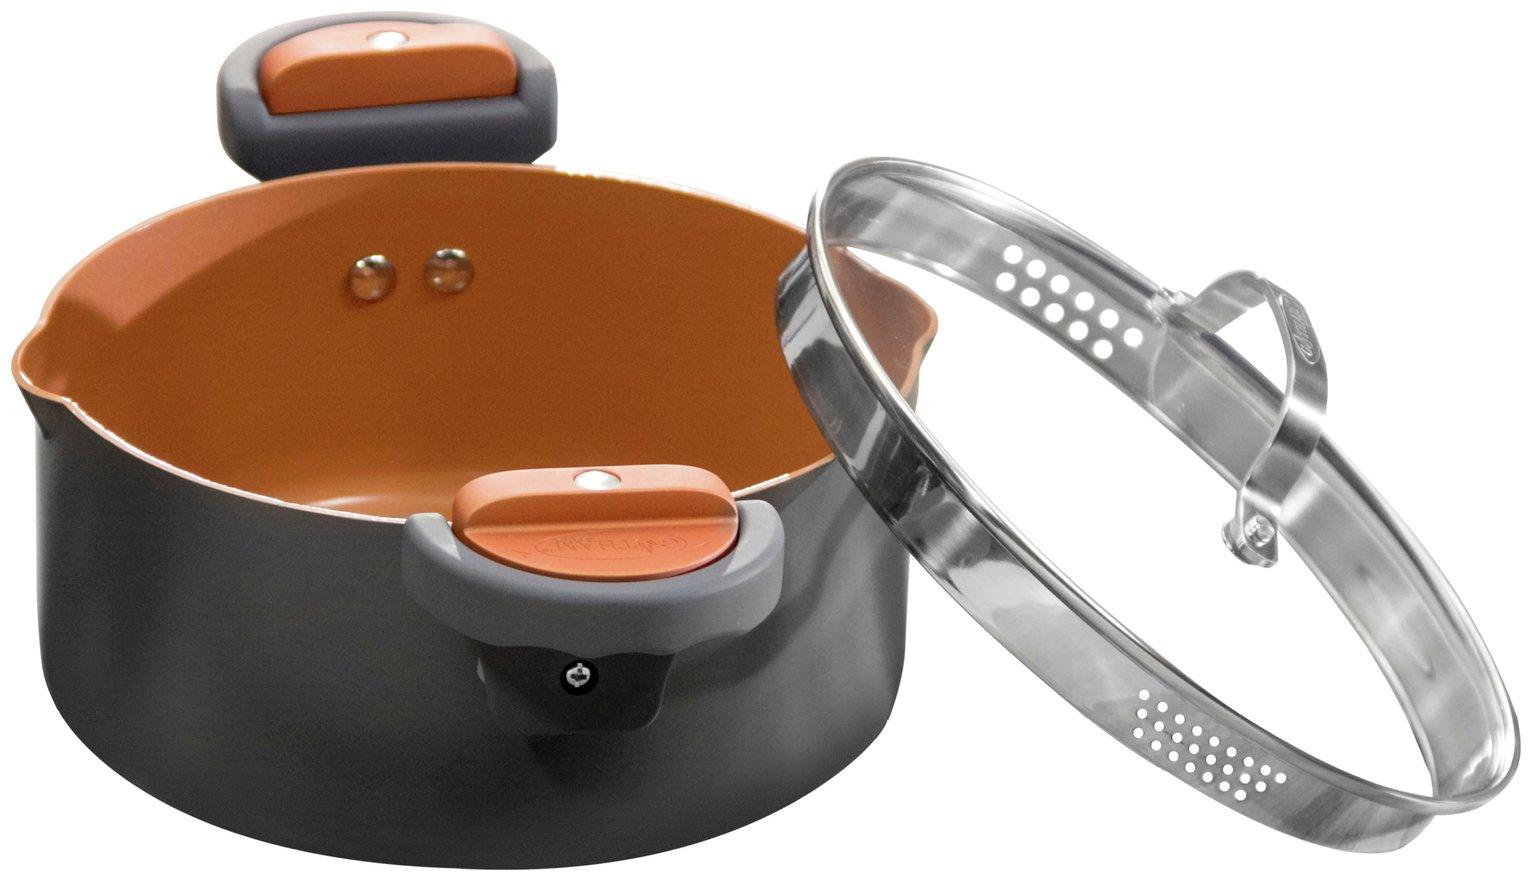 Gotham Steel Ceramic Pasta Pot with Lid - Black